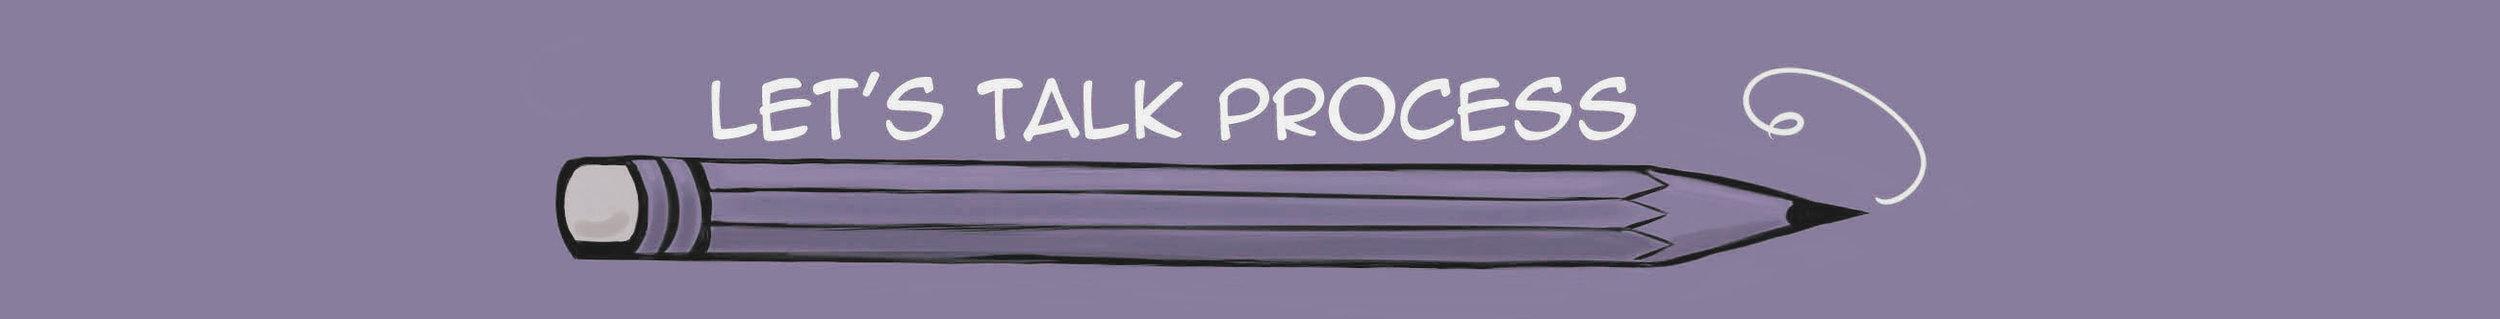 Let's talk logo light purple.jpg